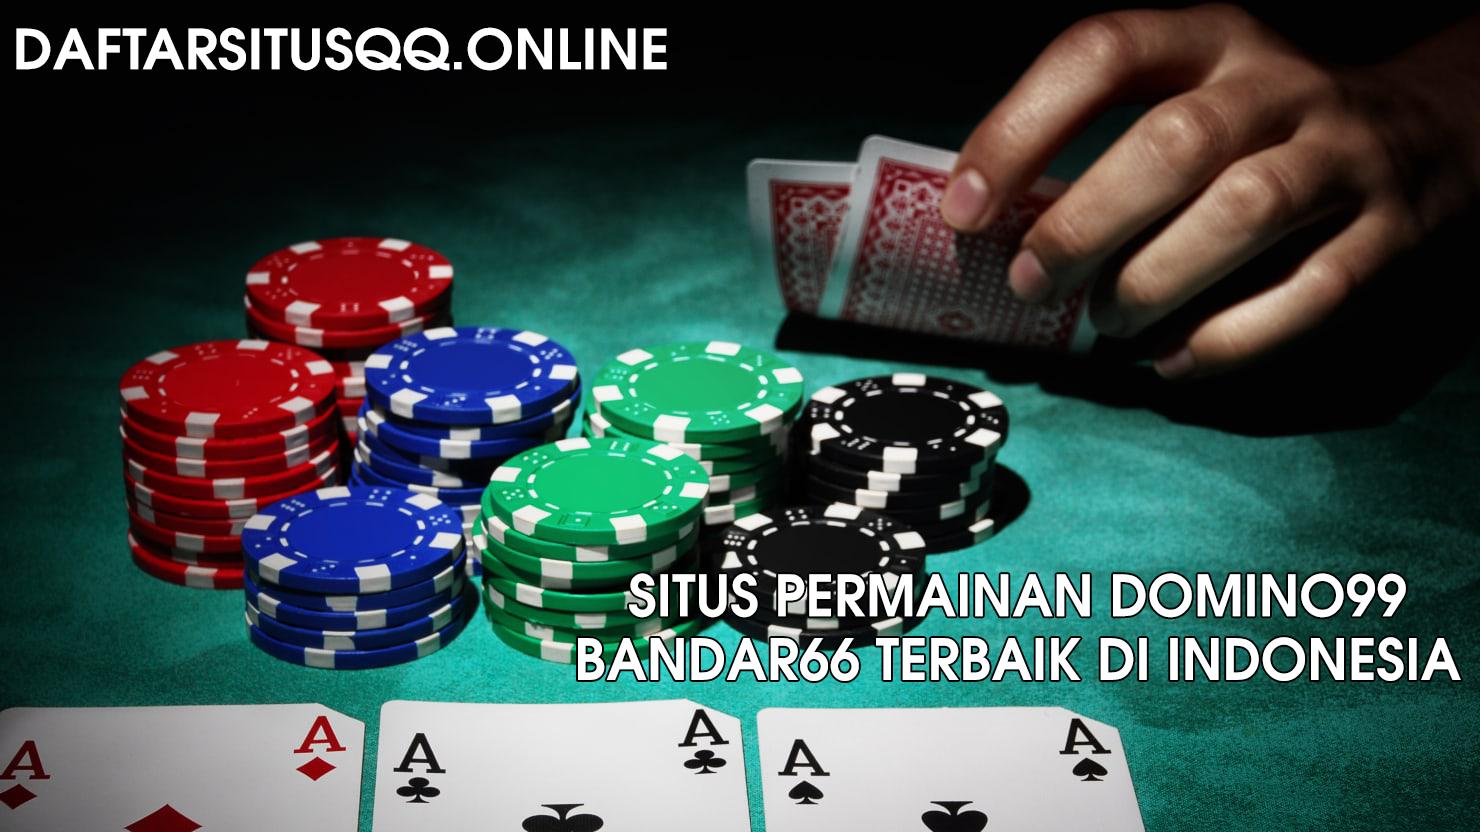 Wahyudomino.net Situs Permainan Domino99 Bandar66 Sakong Terbaik PKV Games